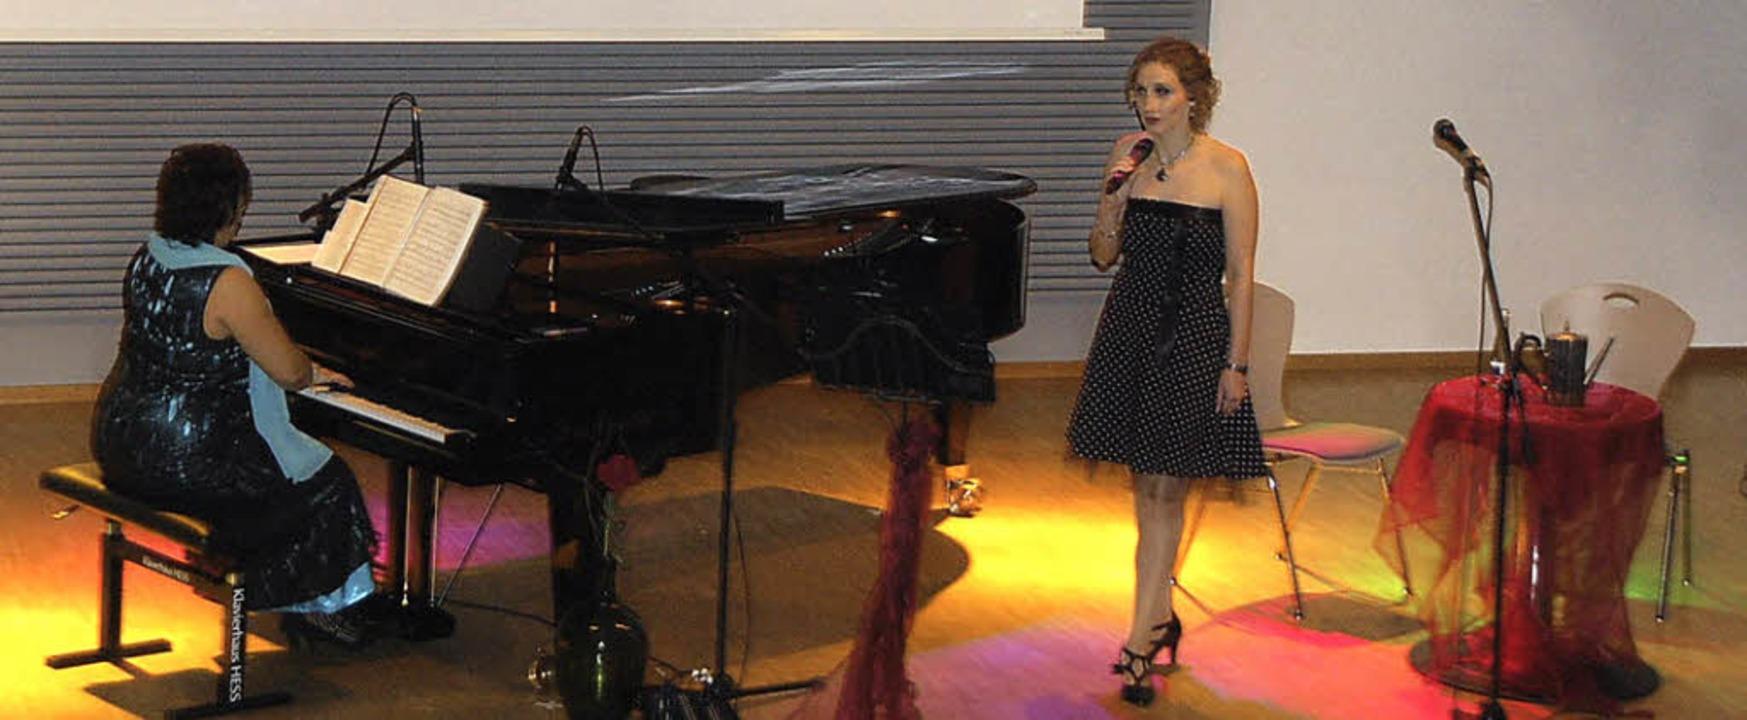 Maria Grigorenko am Piano und Sopranis...al mit ihrem Programm zum Thema Liebe.  | Foto: Schimanski